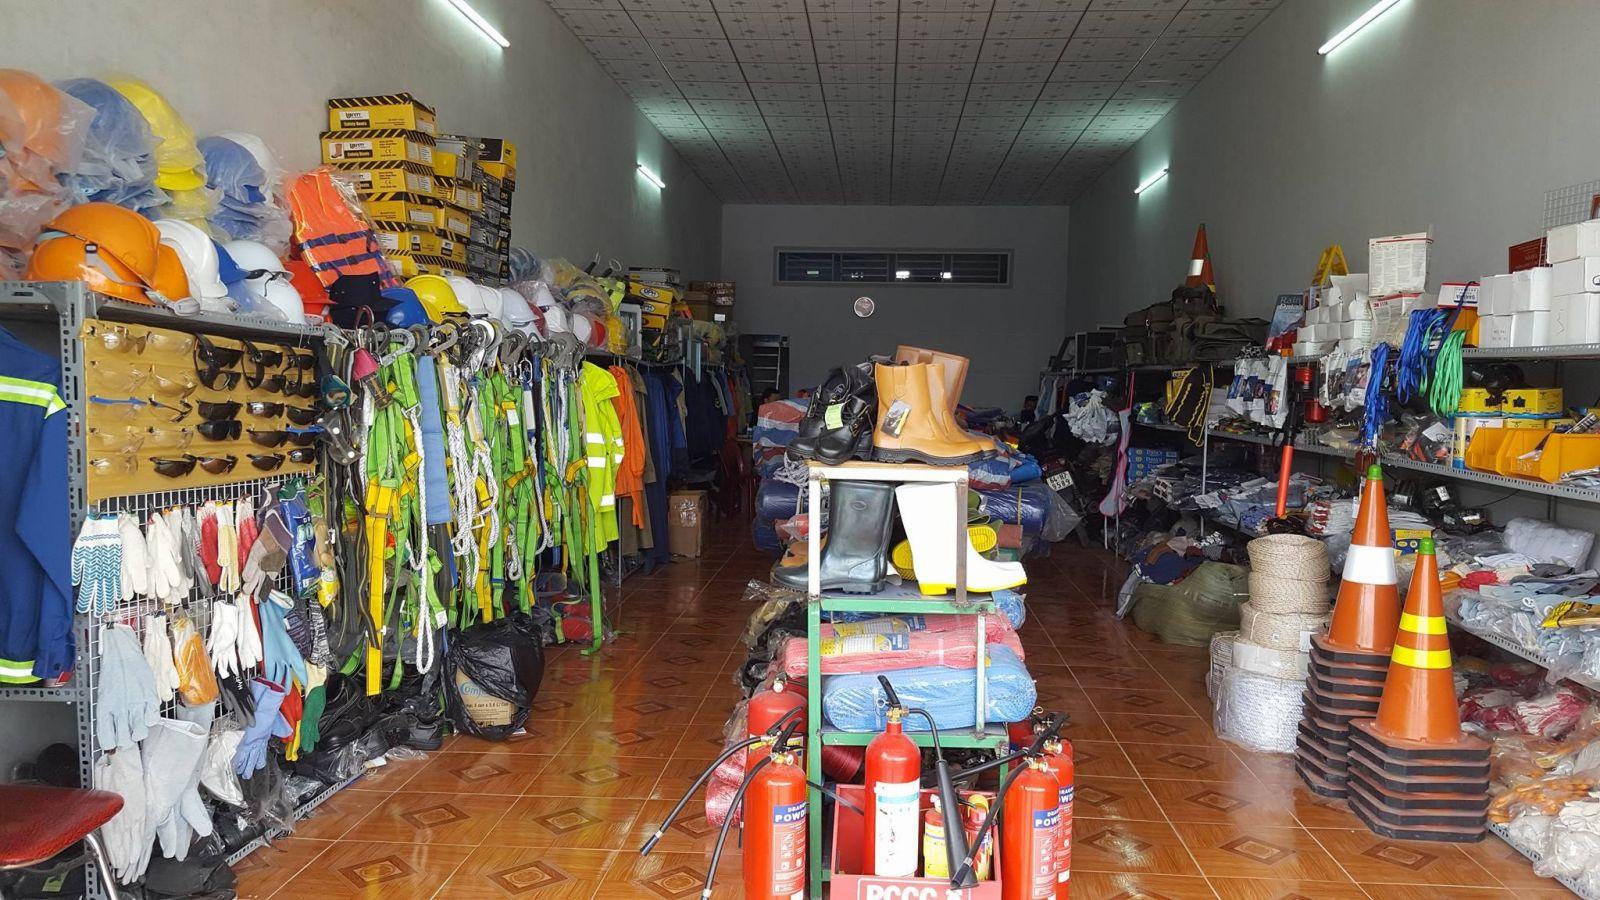 Kinh nghiệm mở cửa hàng bảo hộ lao động